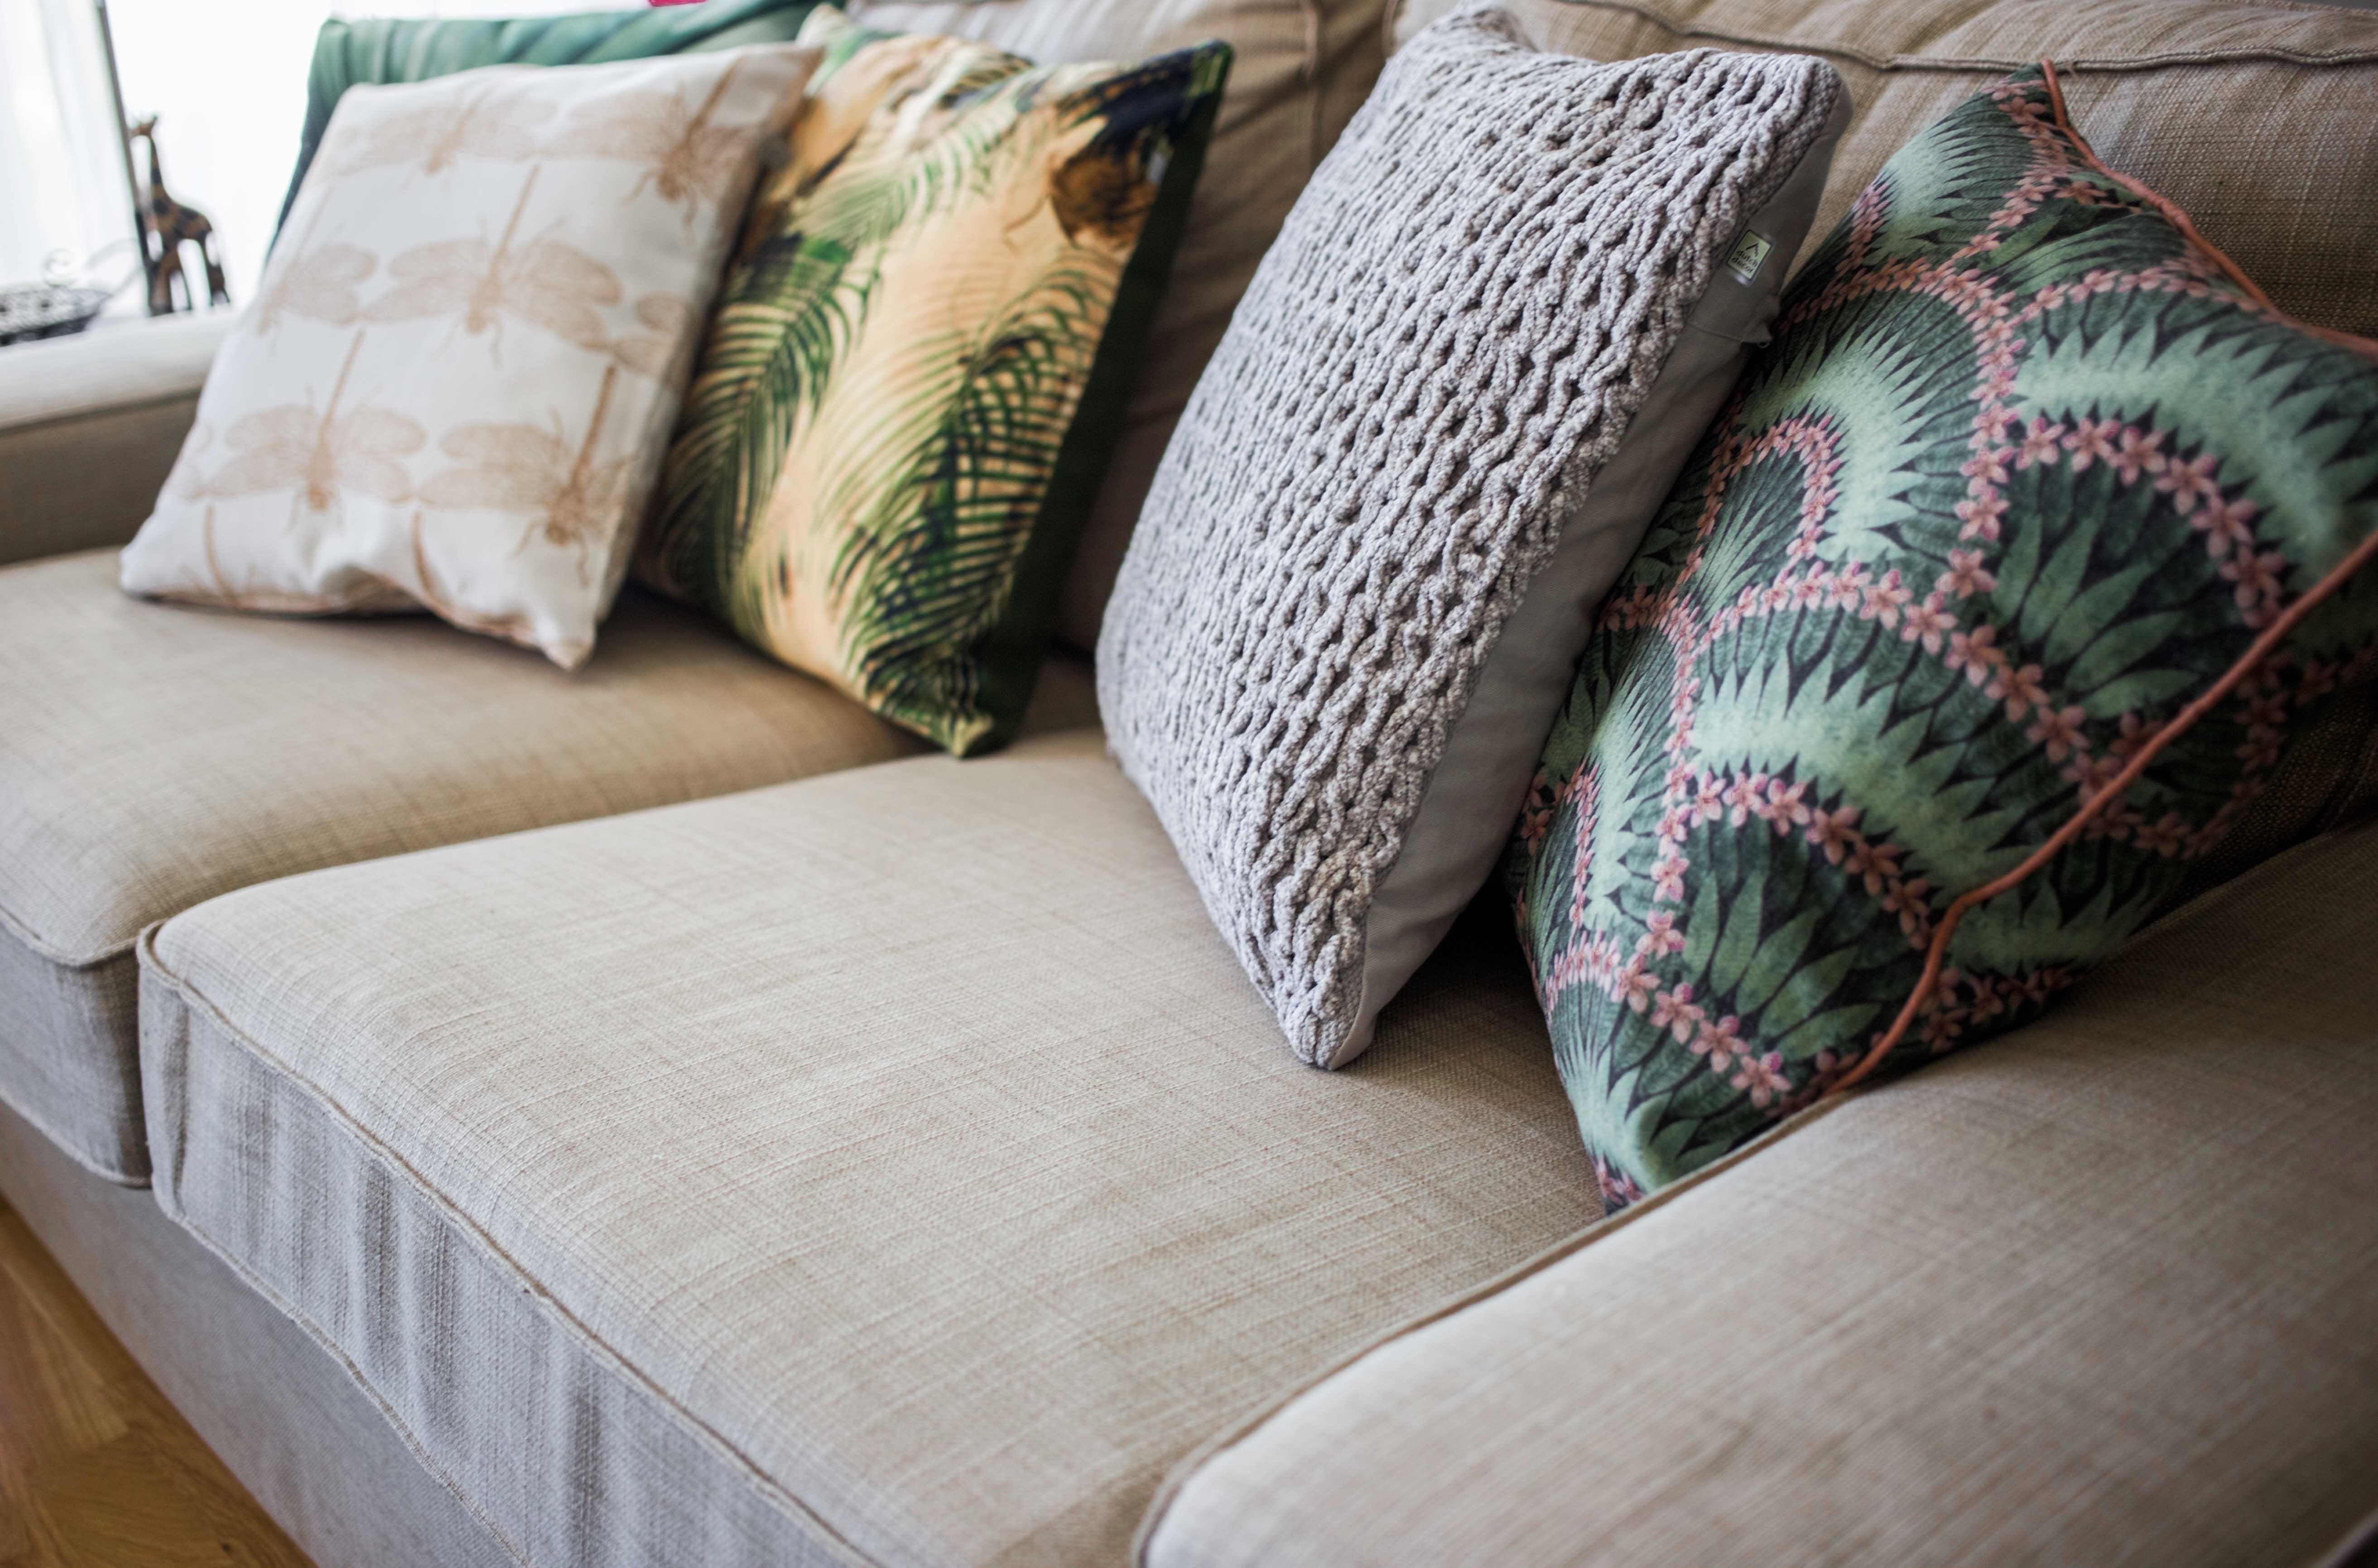 sofa-kissen-jungle-interior-inspiration-möbel-einrichtung_8291